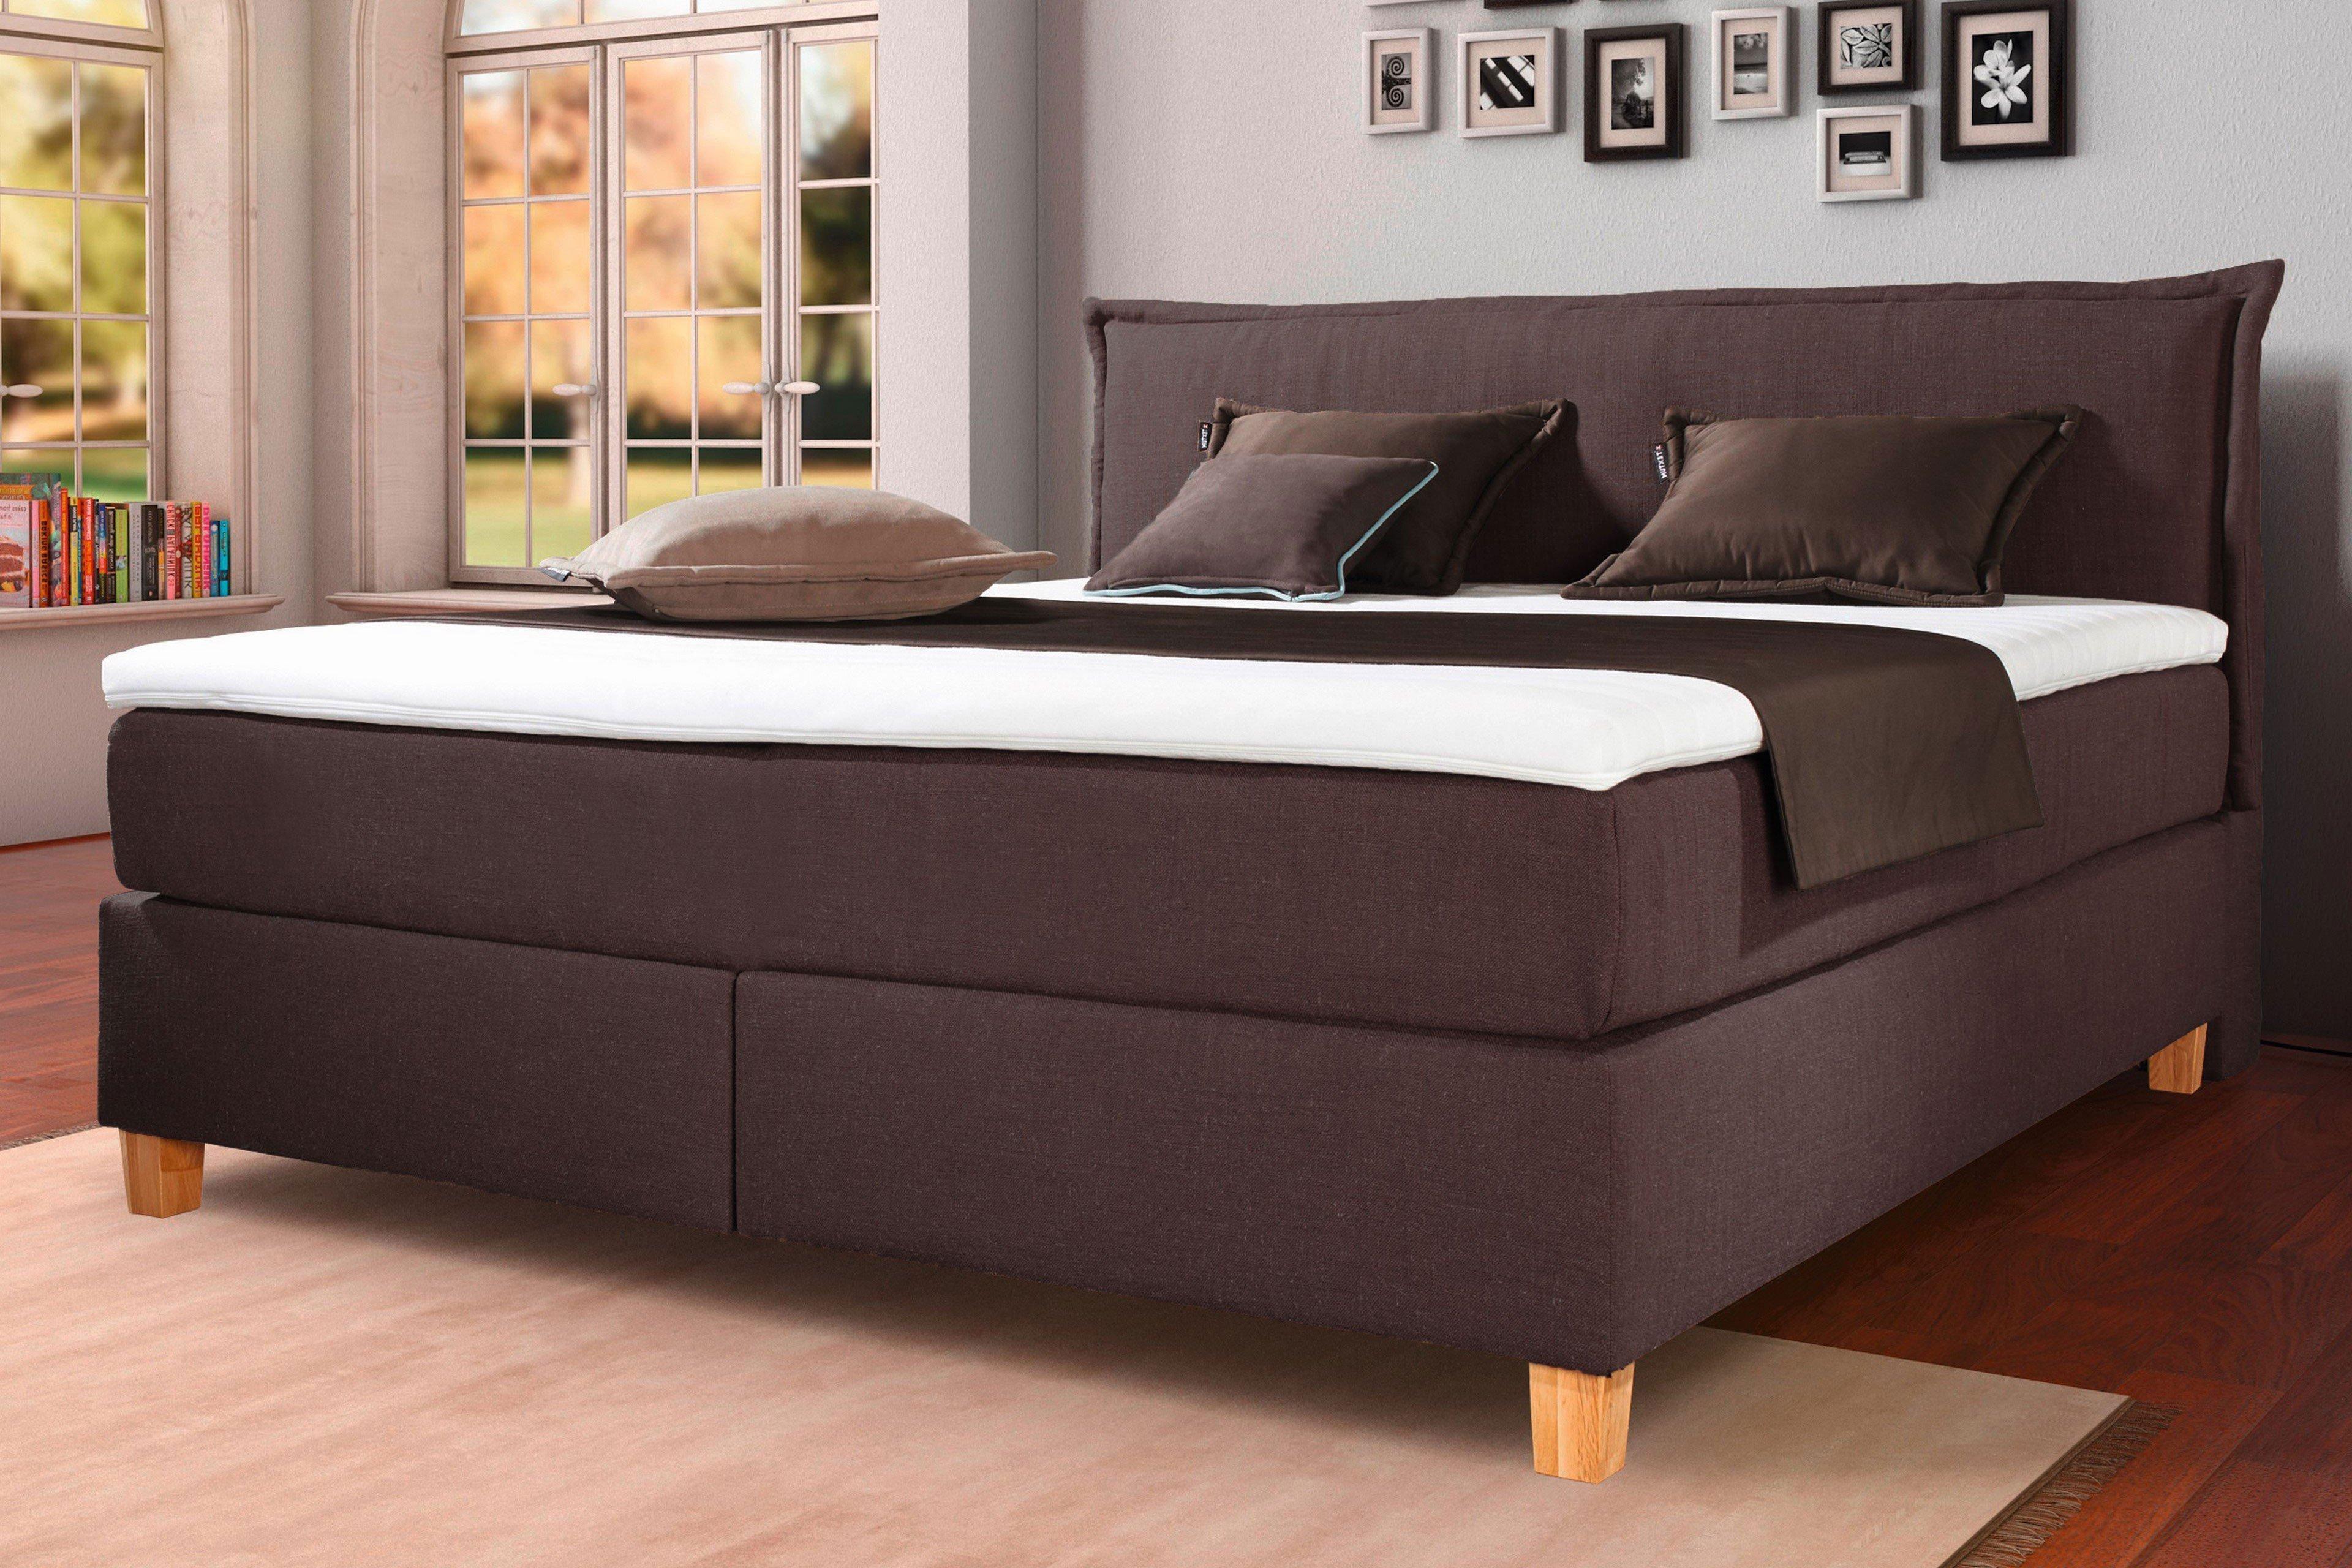 boxspringbett citie von matraflex in braun m bel letz ihr online shop. Black Bedroom Furniture Sets. Home Design Ideas